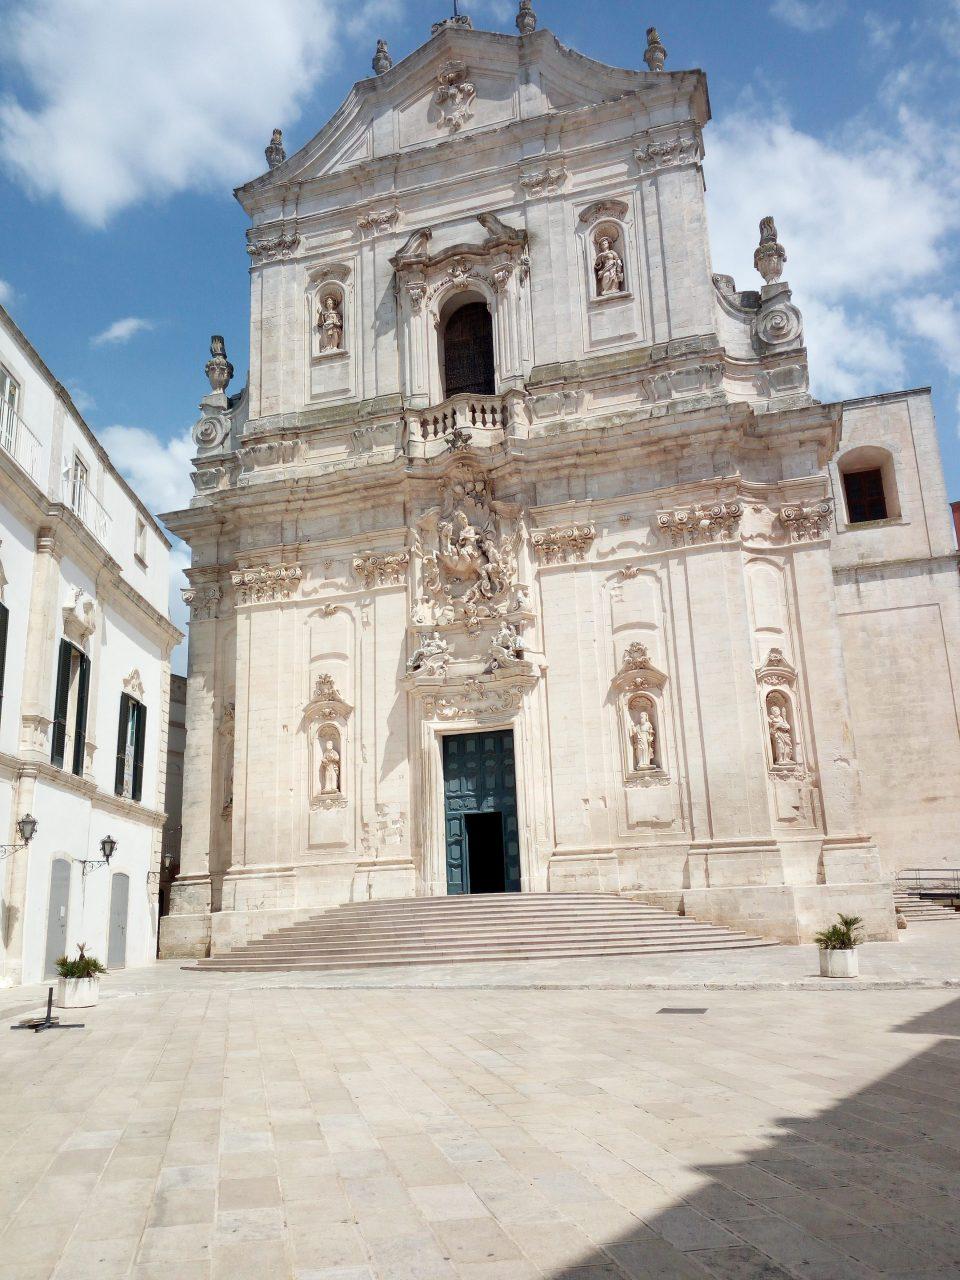 Chiesa di San Martino, Martina Franca